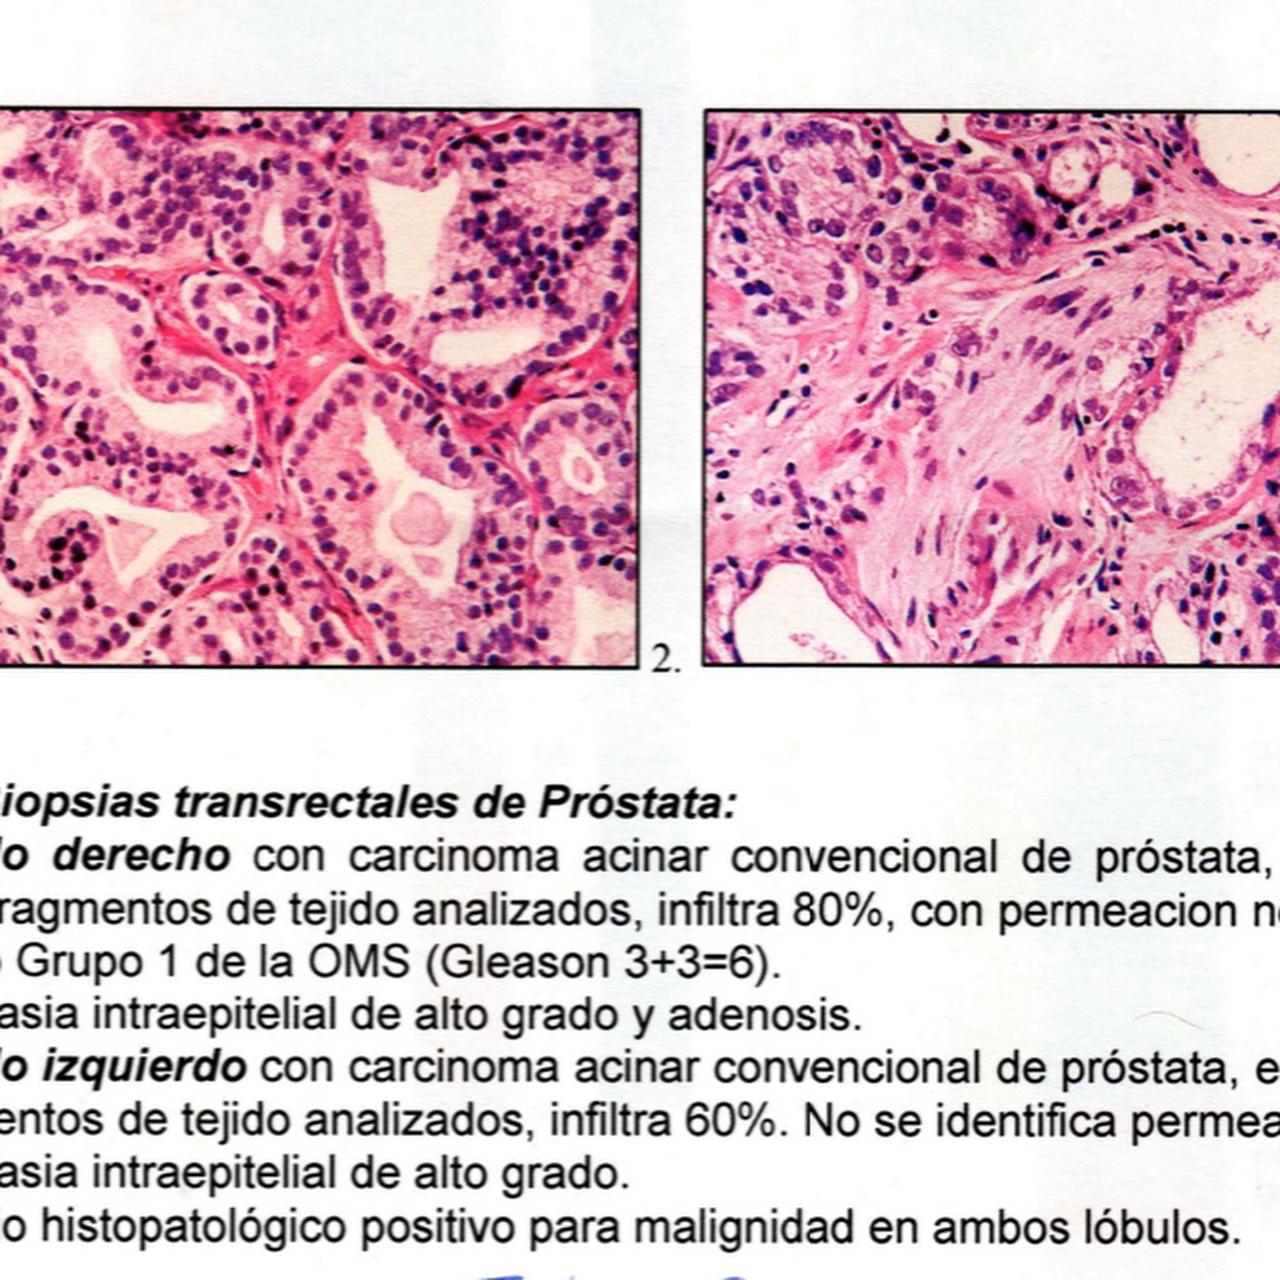 imágenes de cirugía de próstata con láser arezzo